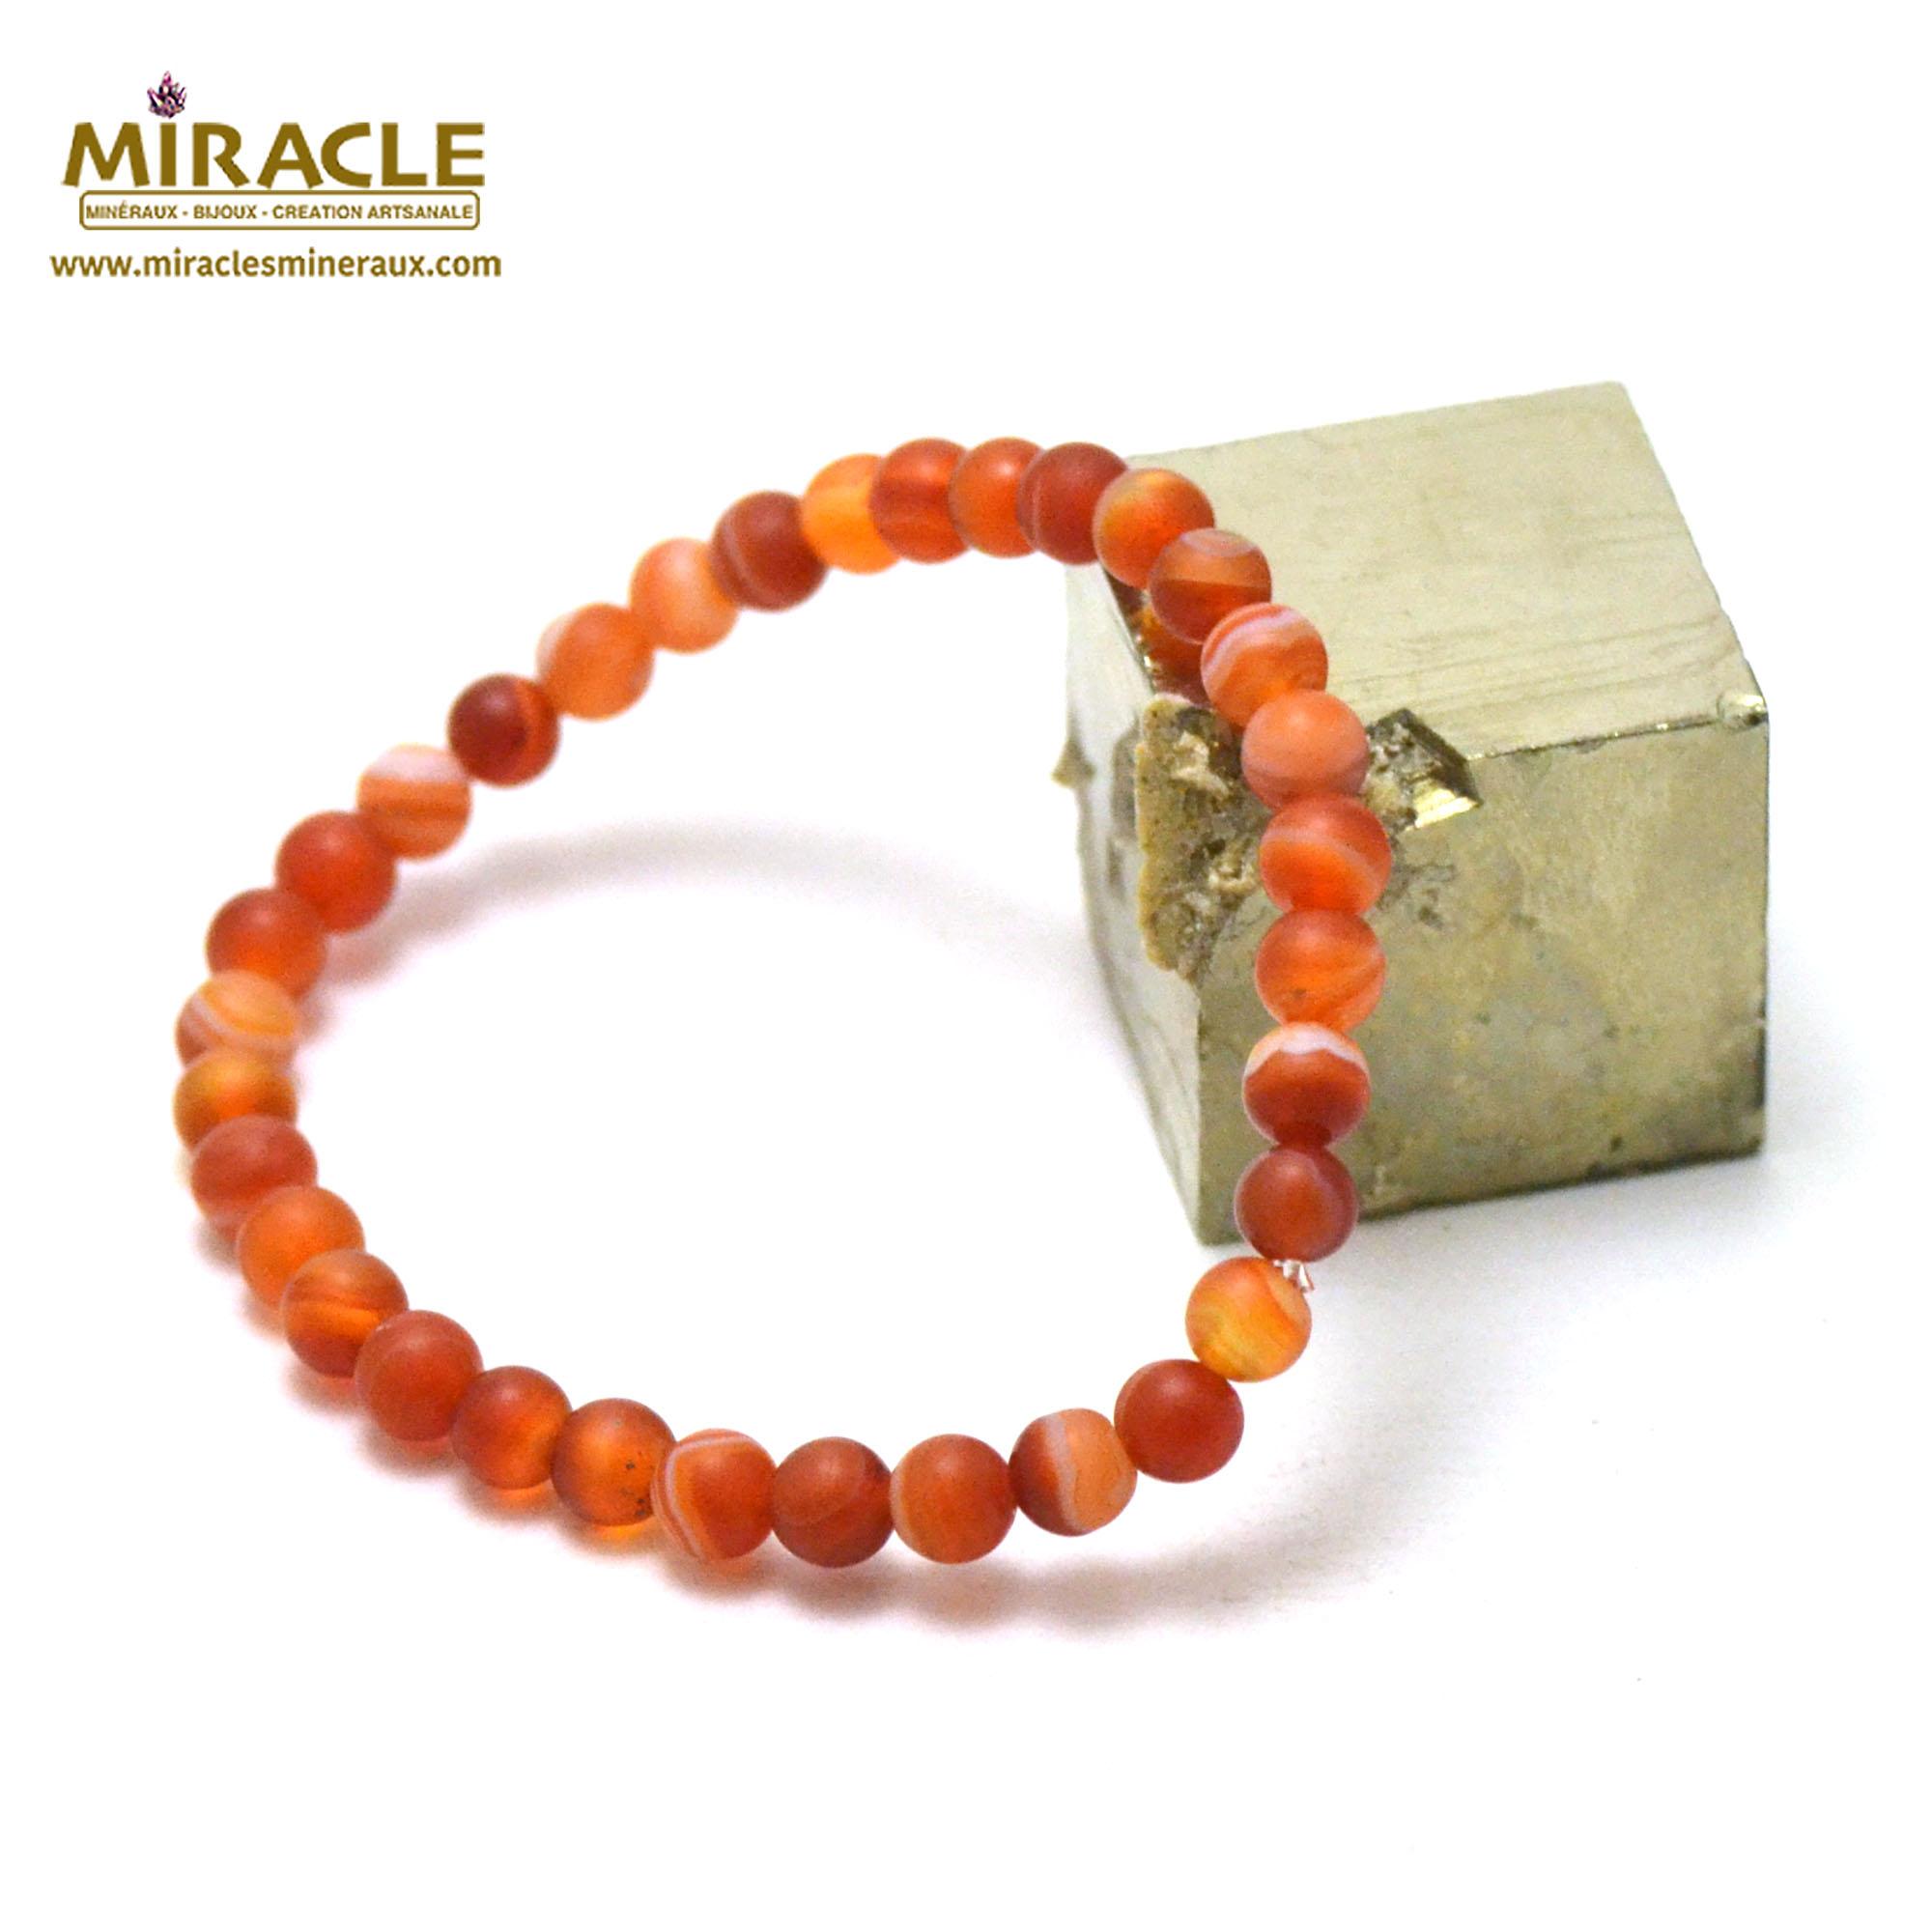 Bracelet cornaline givré perle mat ronde 6 mm